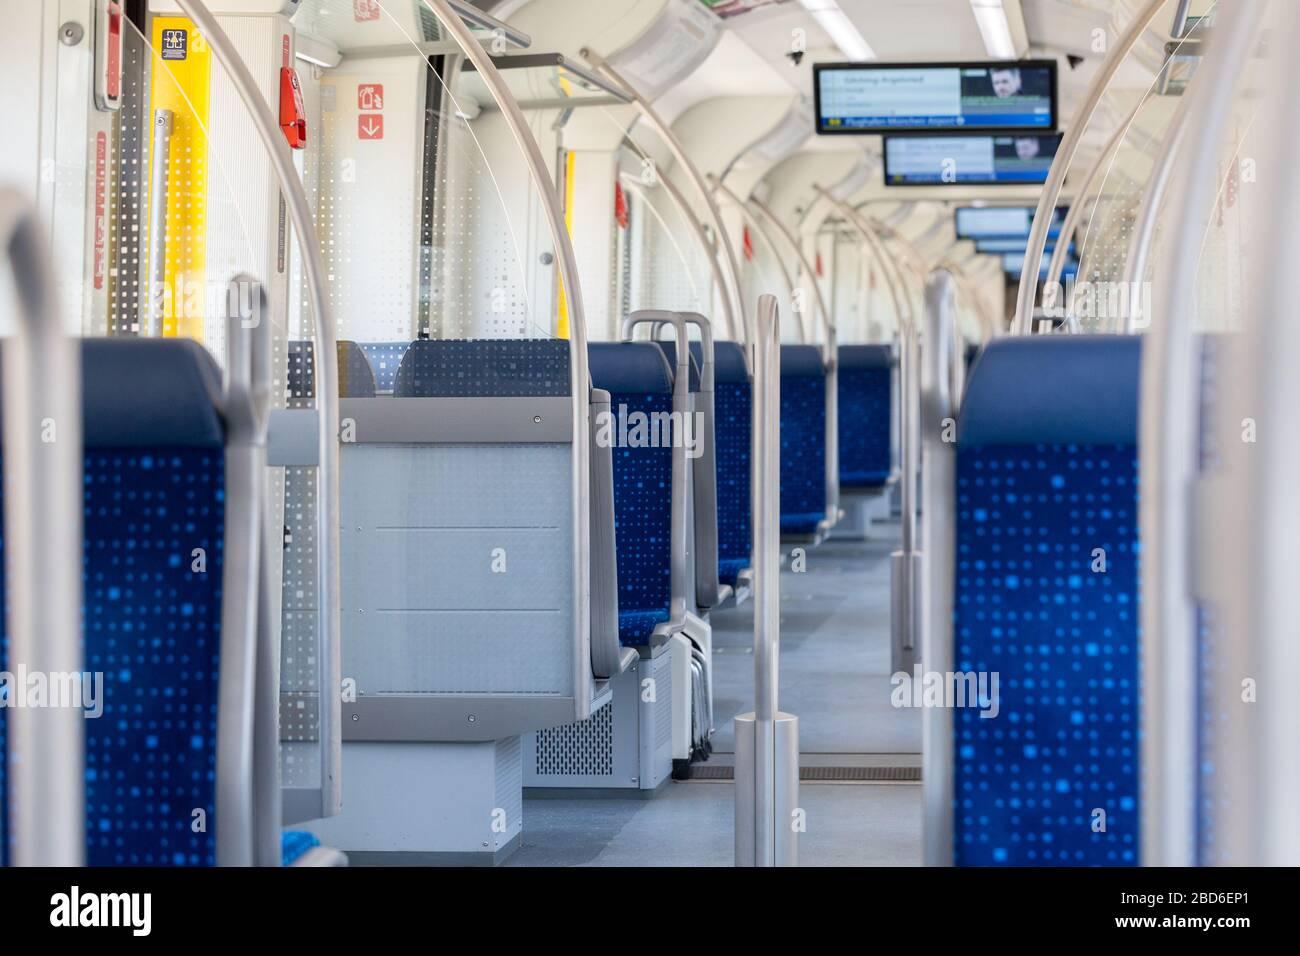 Intérieur d'un train de transport public de Munich vide (S-Bahn / S-Bahn). En raison de la société Covid-19, l'utilisation des transports publics en Allemagne a chuté de 80 à 90 %. Banque D'Images